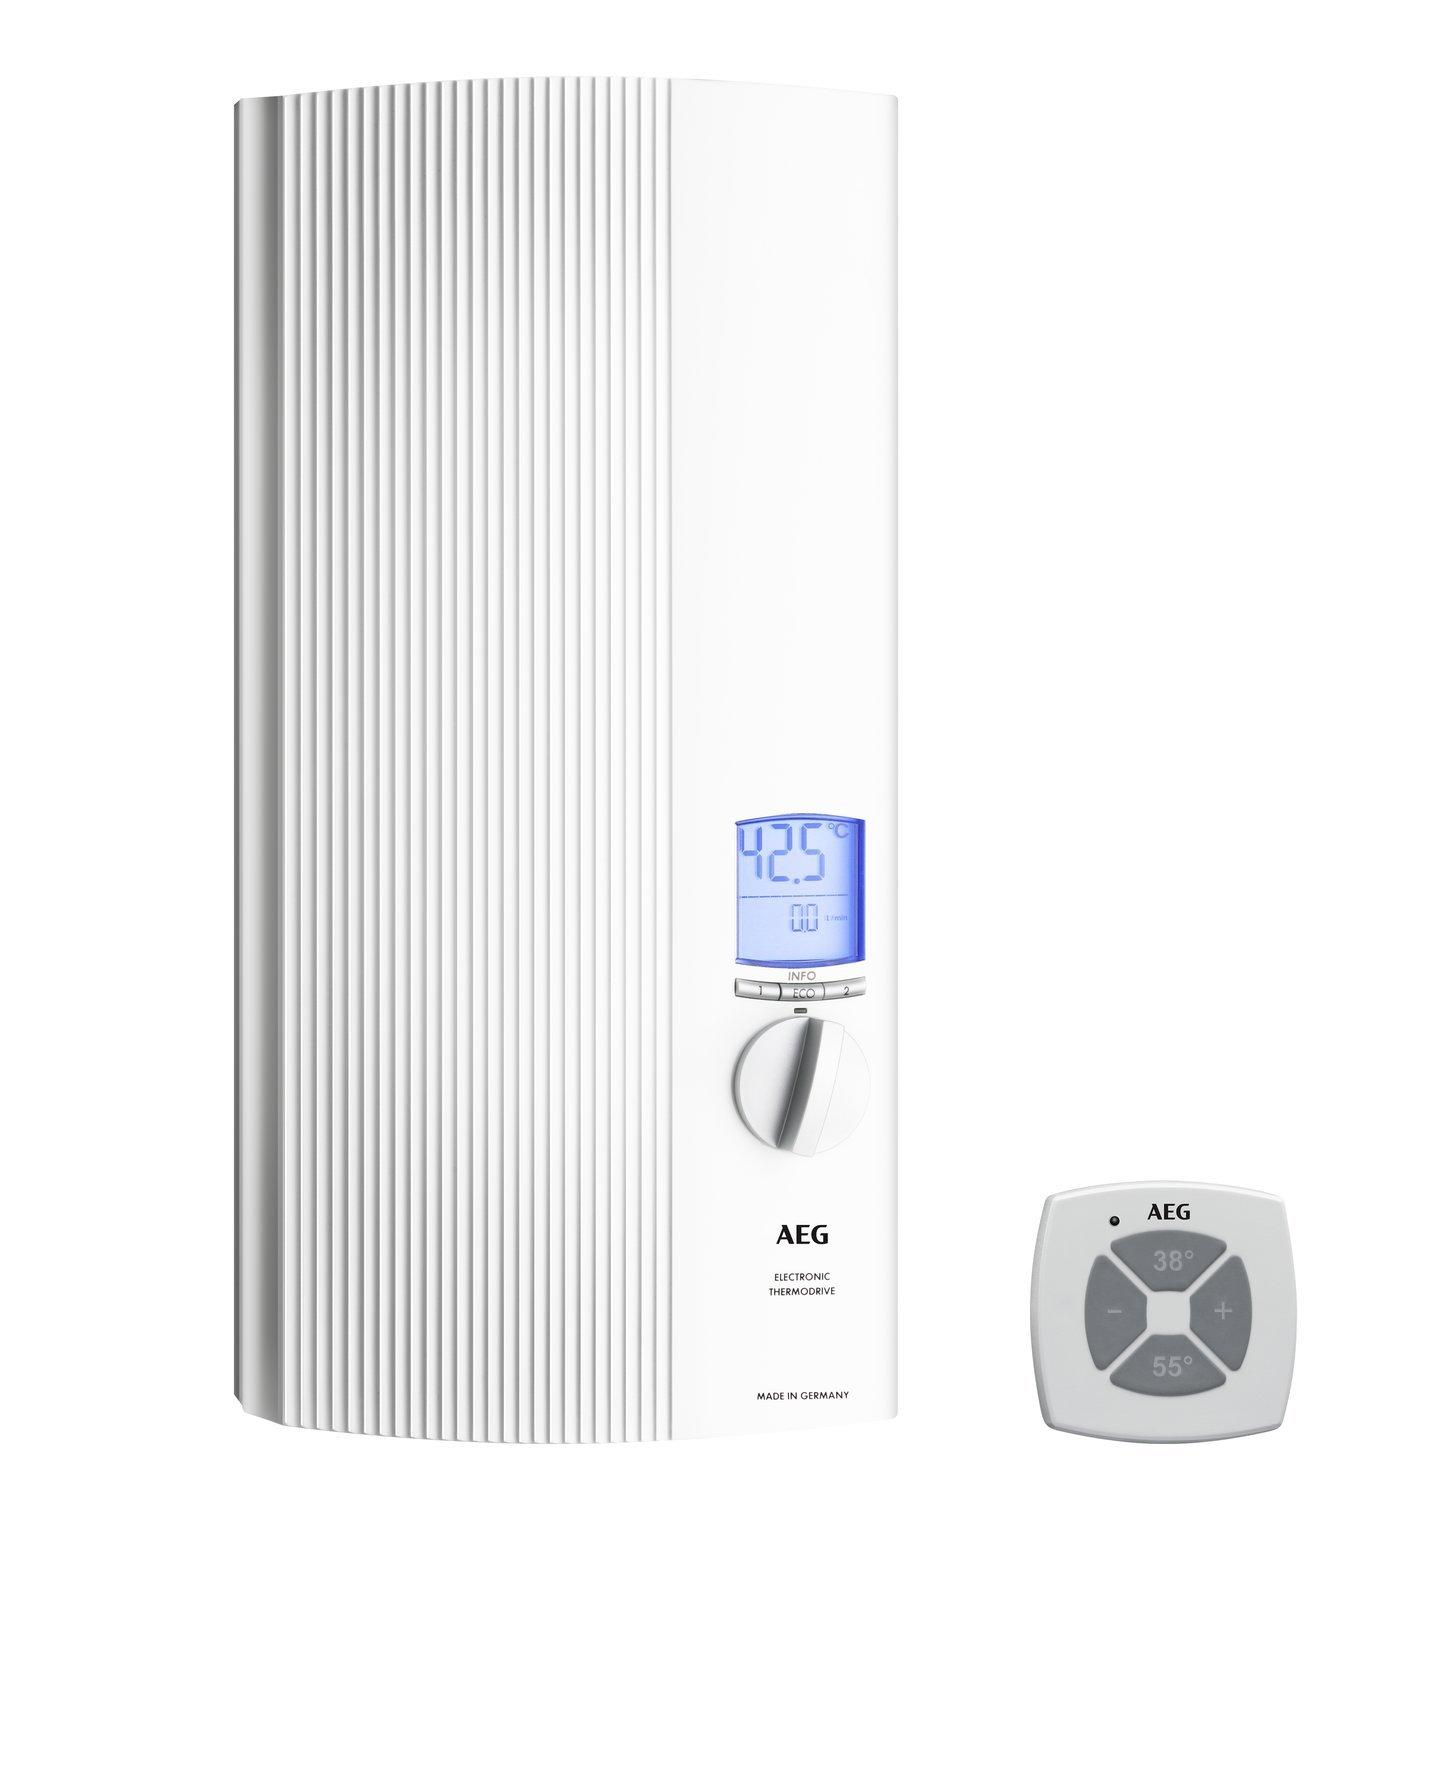 AEG 222399 DDLE ÖKO TD 27 – Calentador de agua eléctrico(27 kW, 400 V), color blanco